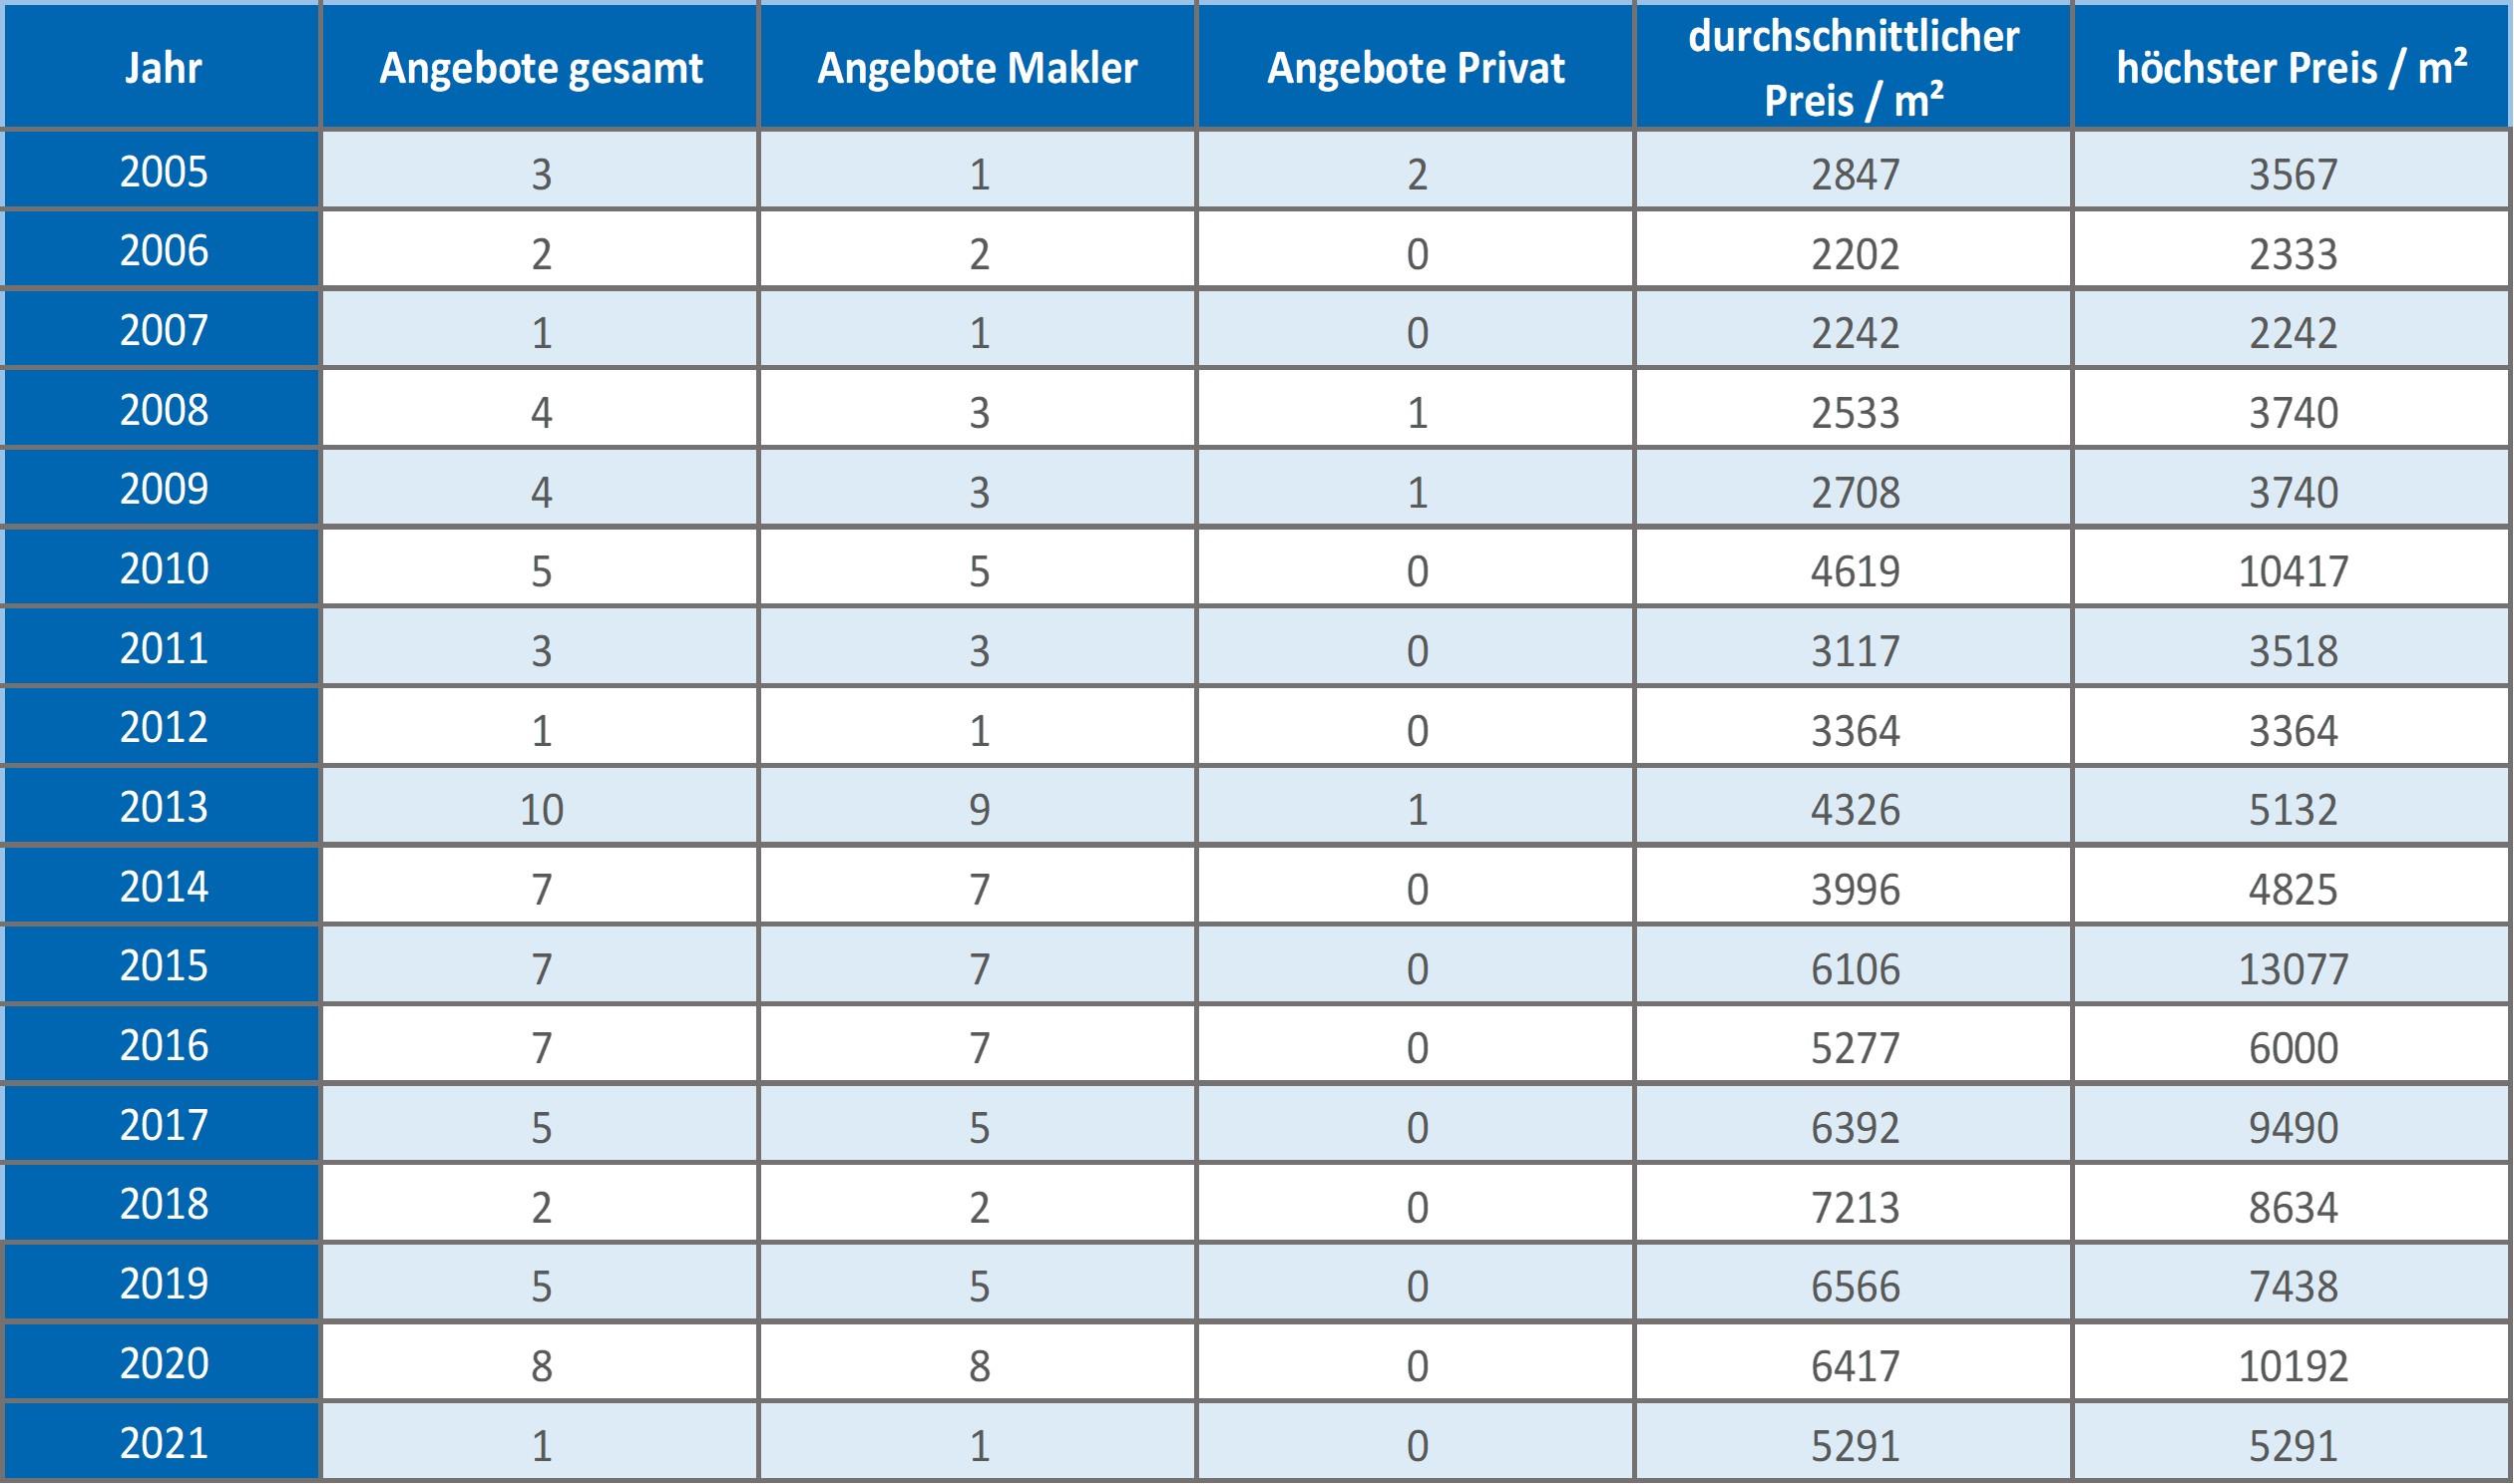 Neubiberg-Mehrfamilienhaus-Kaufen-Verkaufen-Makler 2019 2020 2021